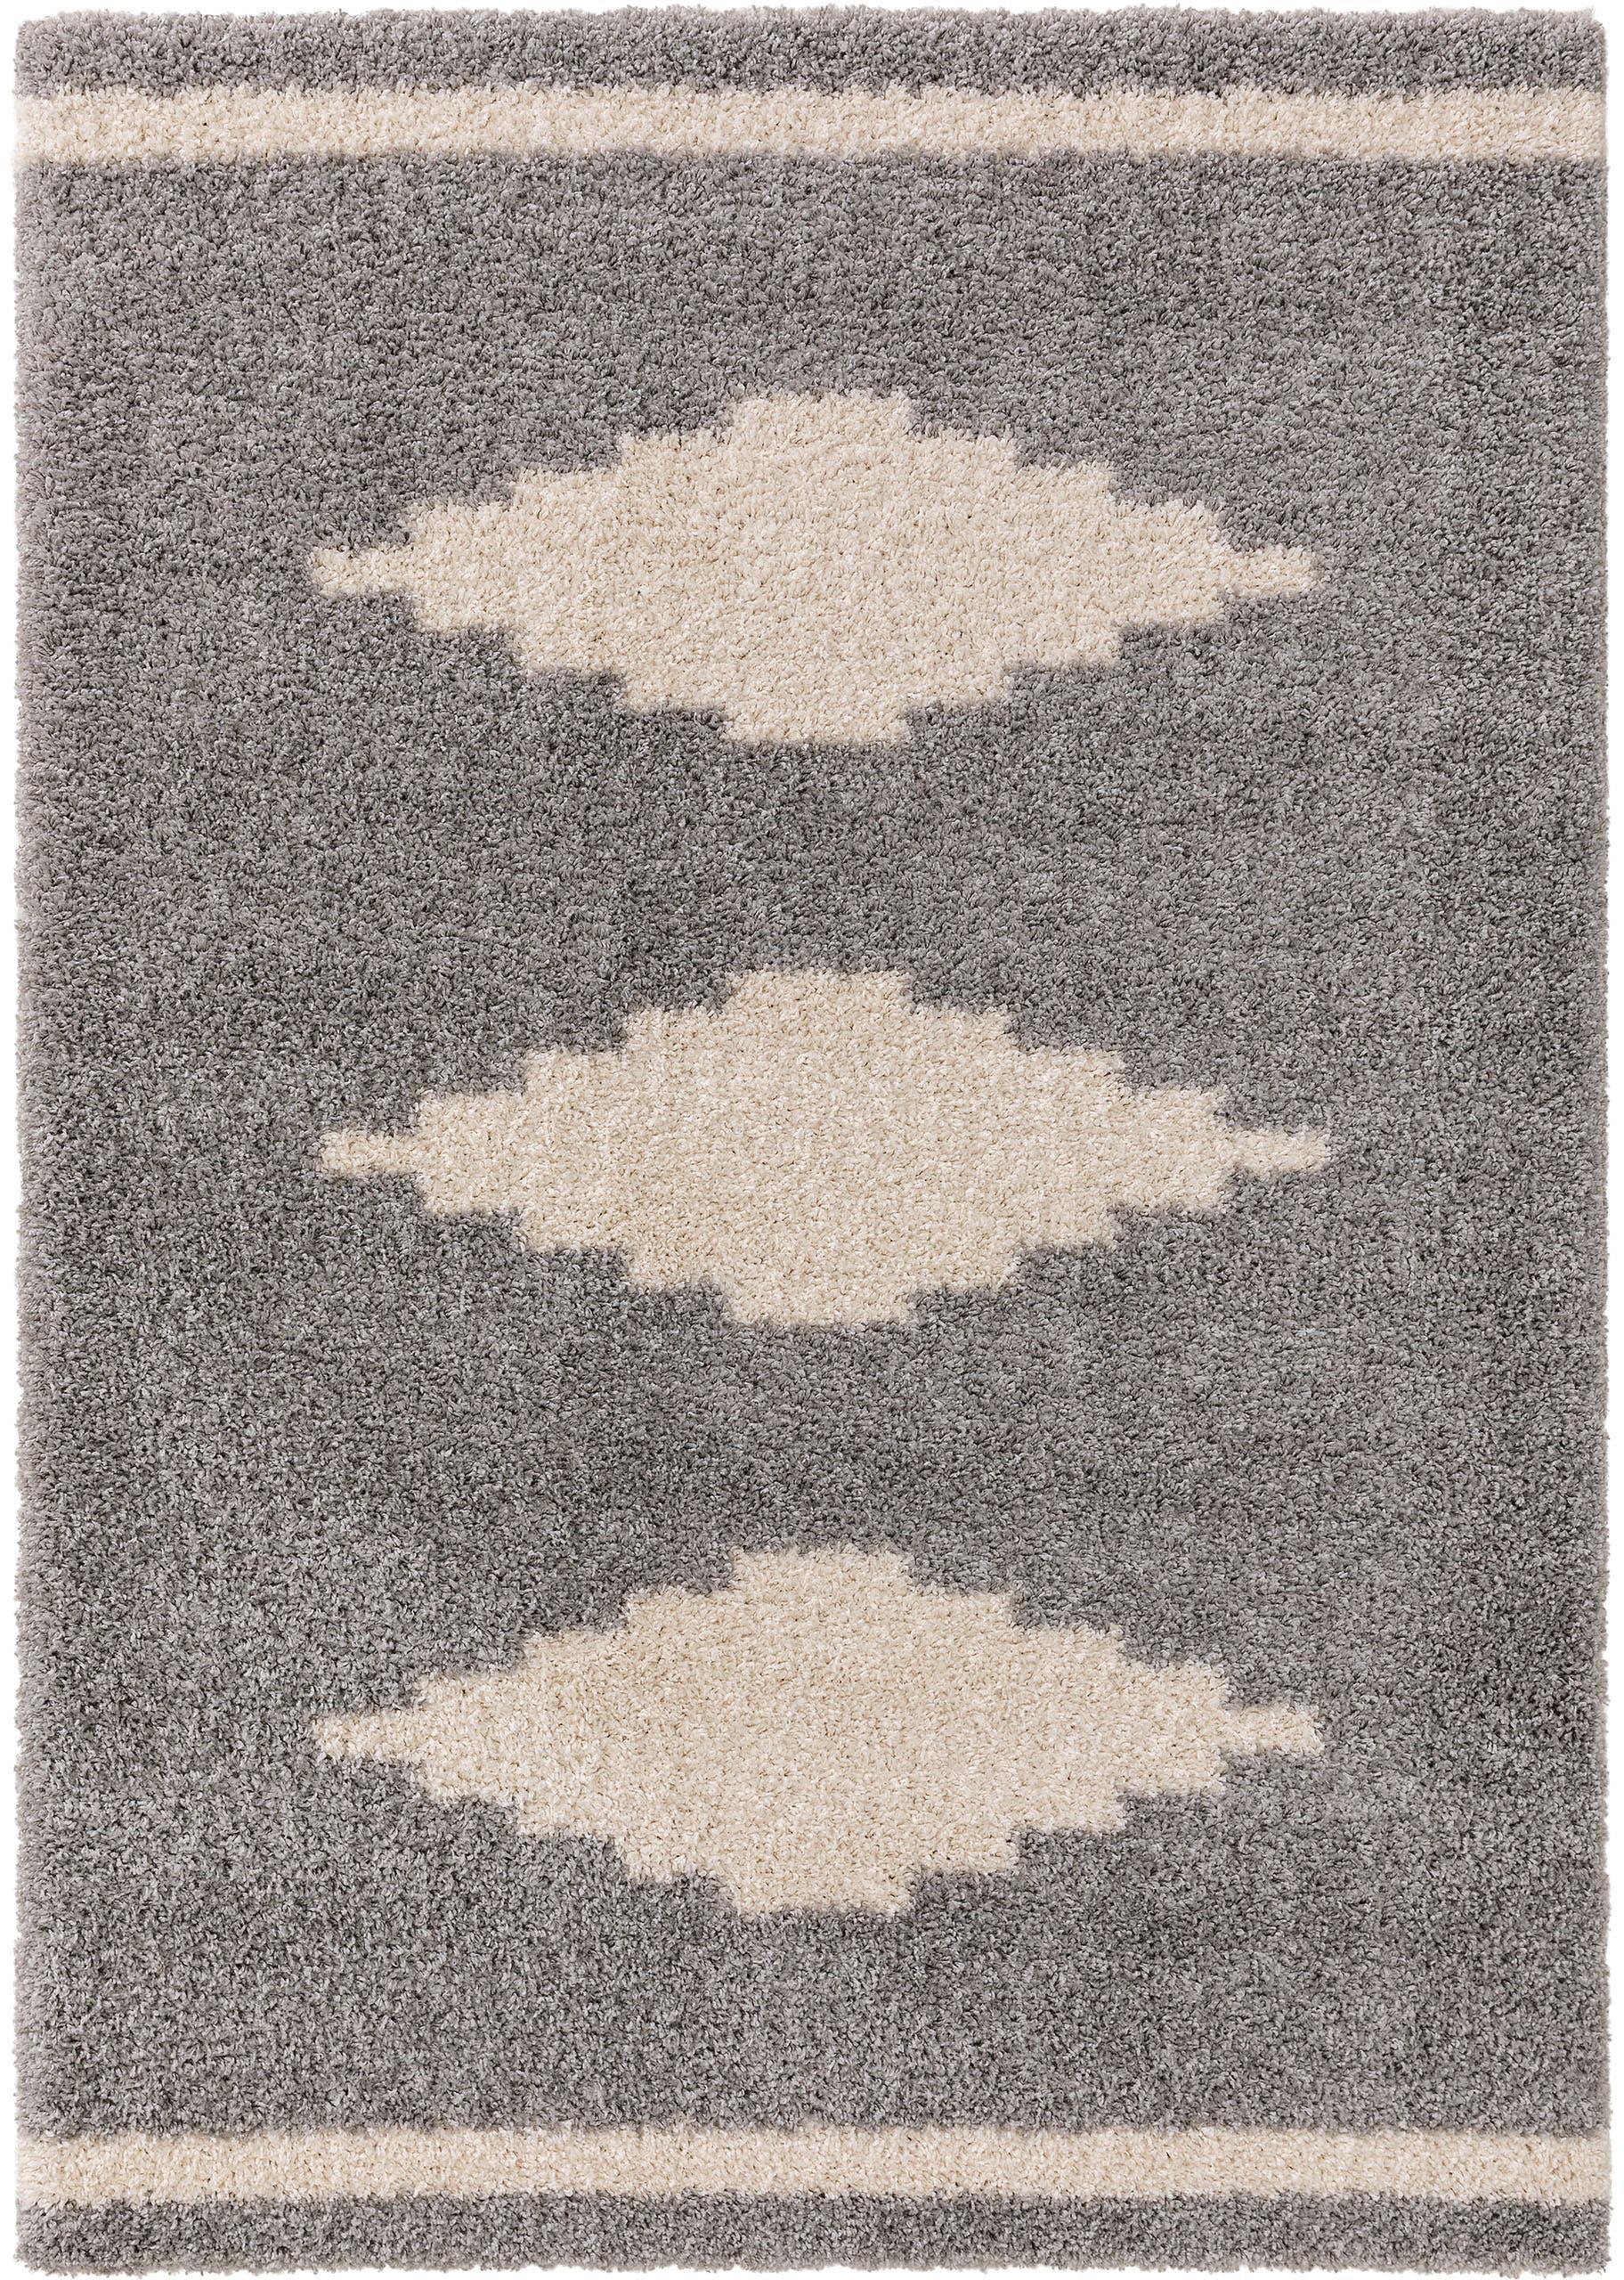 Hochflor-Teppich Selma mit grafischem Muster, 100% Polypropylen, Grau, Hellbeige, B 120 x L 170 cm (Größe S)